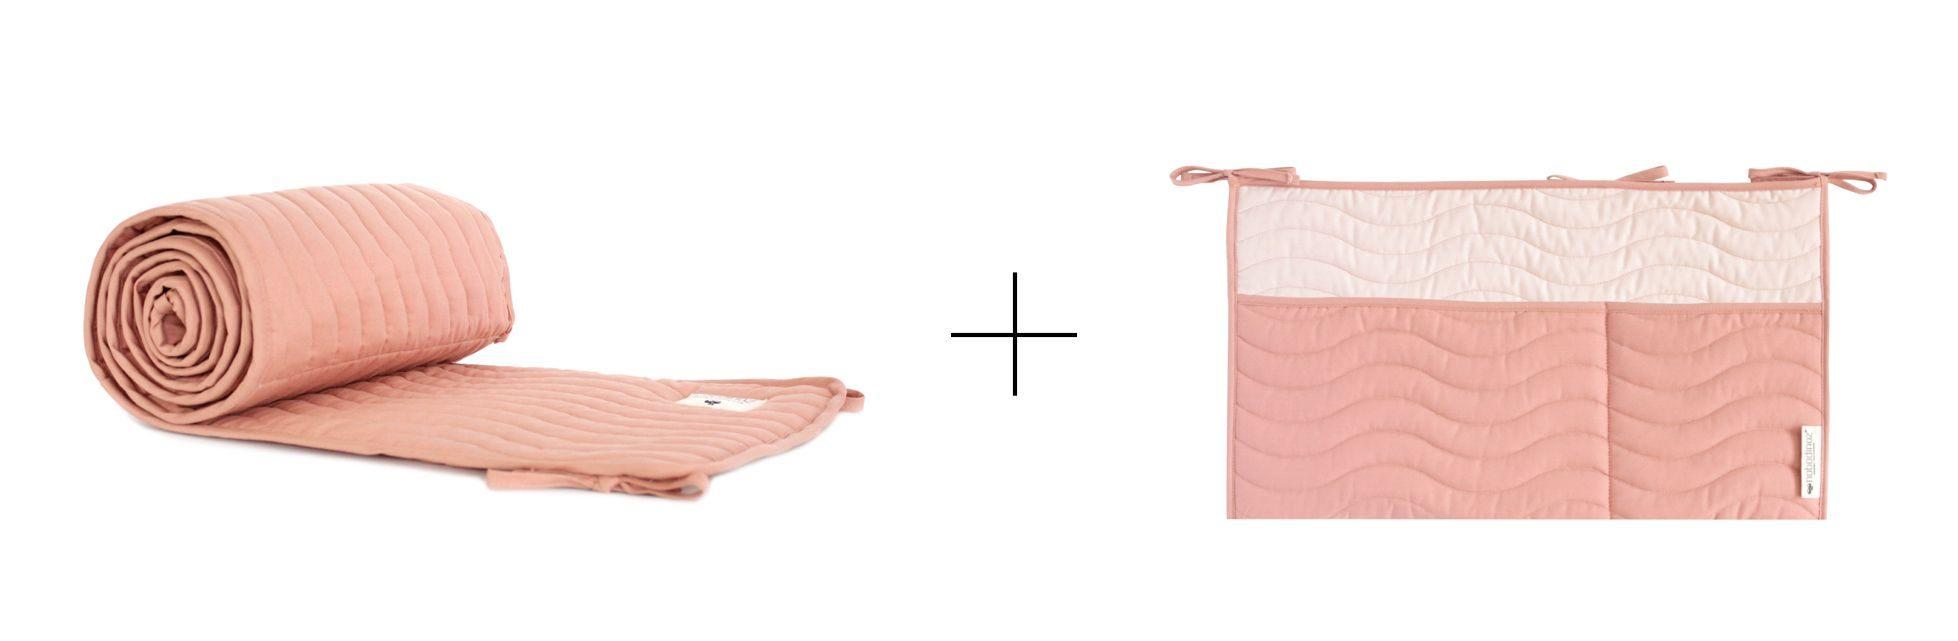 Nobodinoz Tour De Lit Luxe V½hodná Sada Mantinelu A Kapsáře Dolce Vita Pink Od Nobodinoz